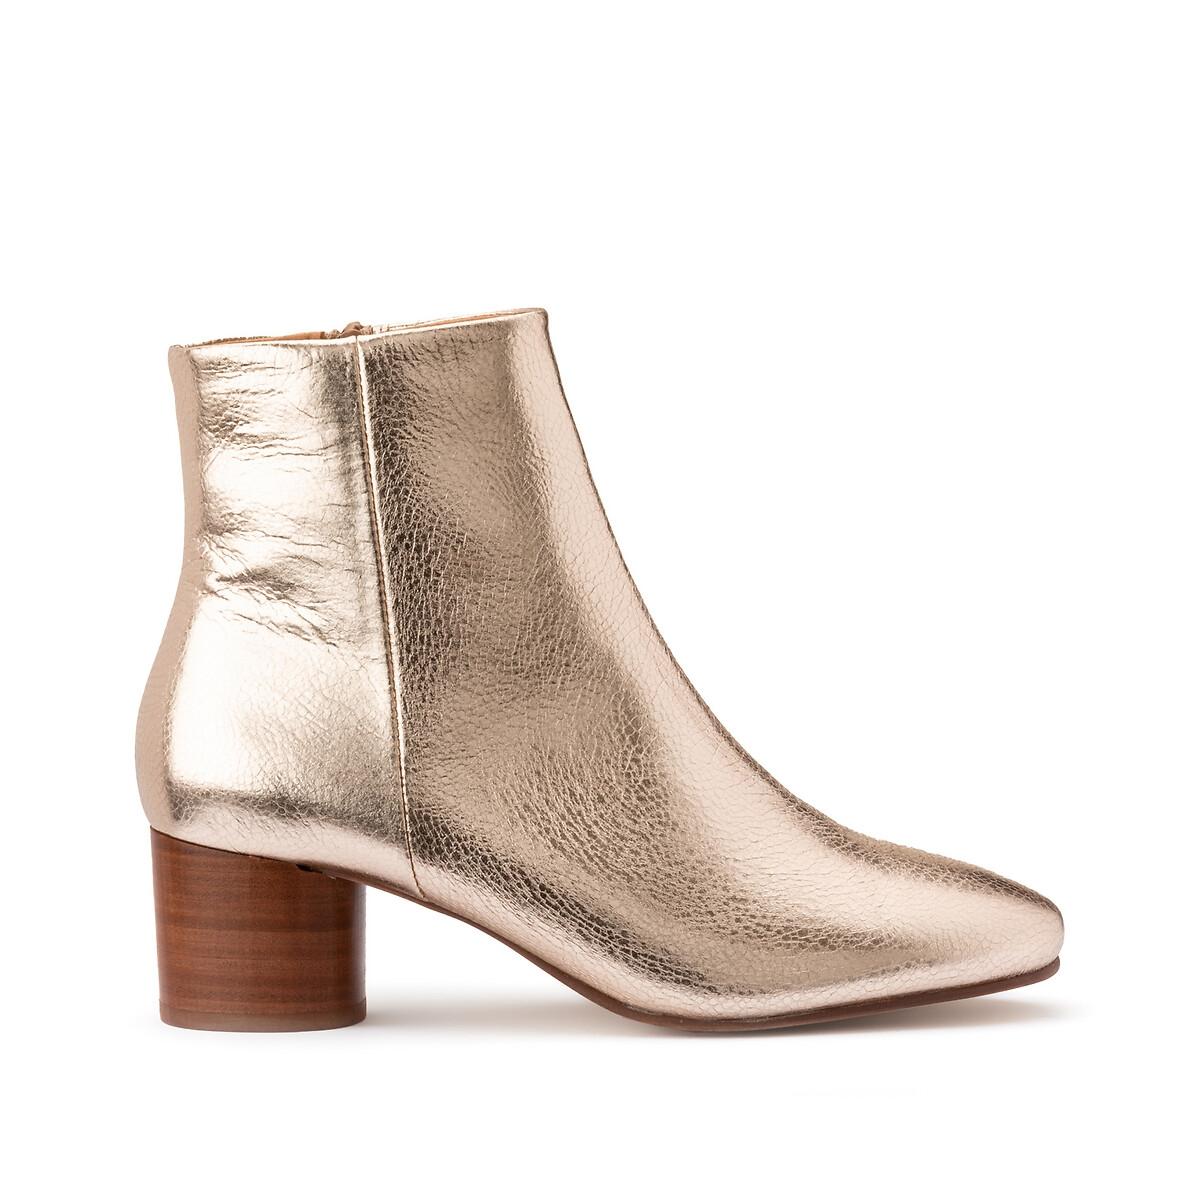 Ботинки LaRedoute Из кожи на широком каблуке 41 золотистый ботинки laredoute из кожи на широком каблуке с питоновым принтом 39 бежевый